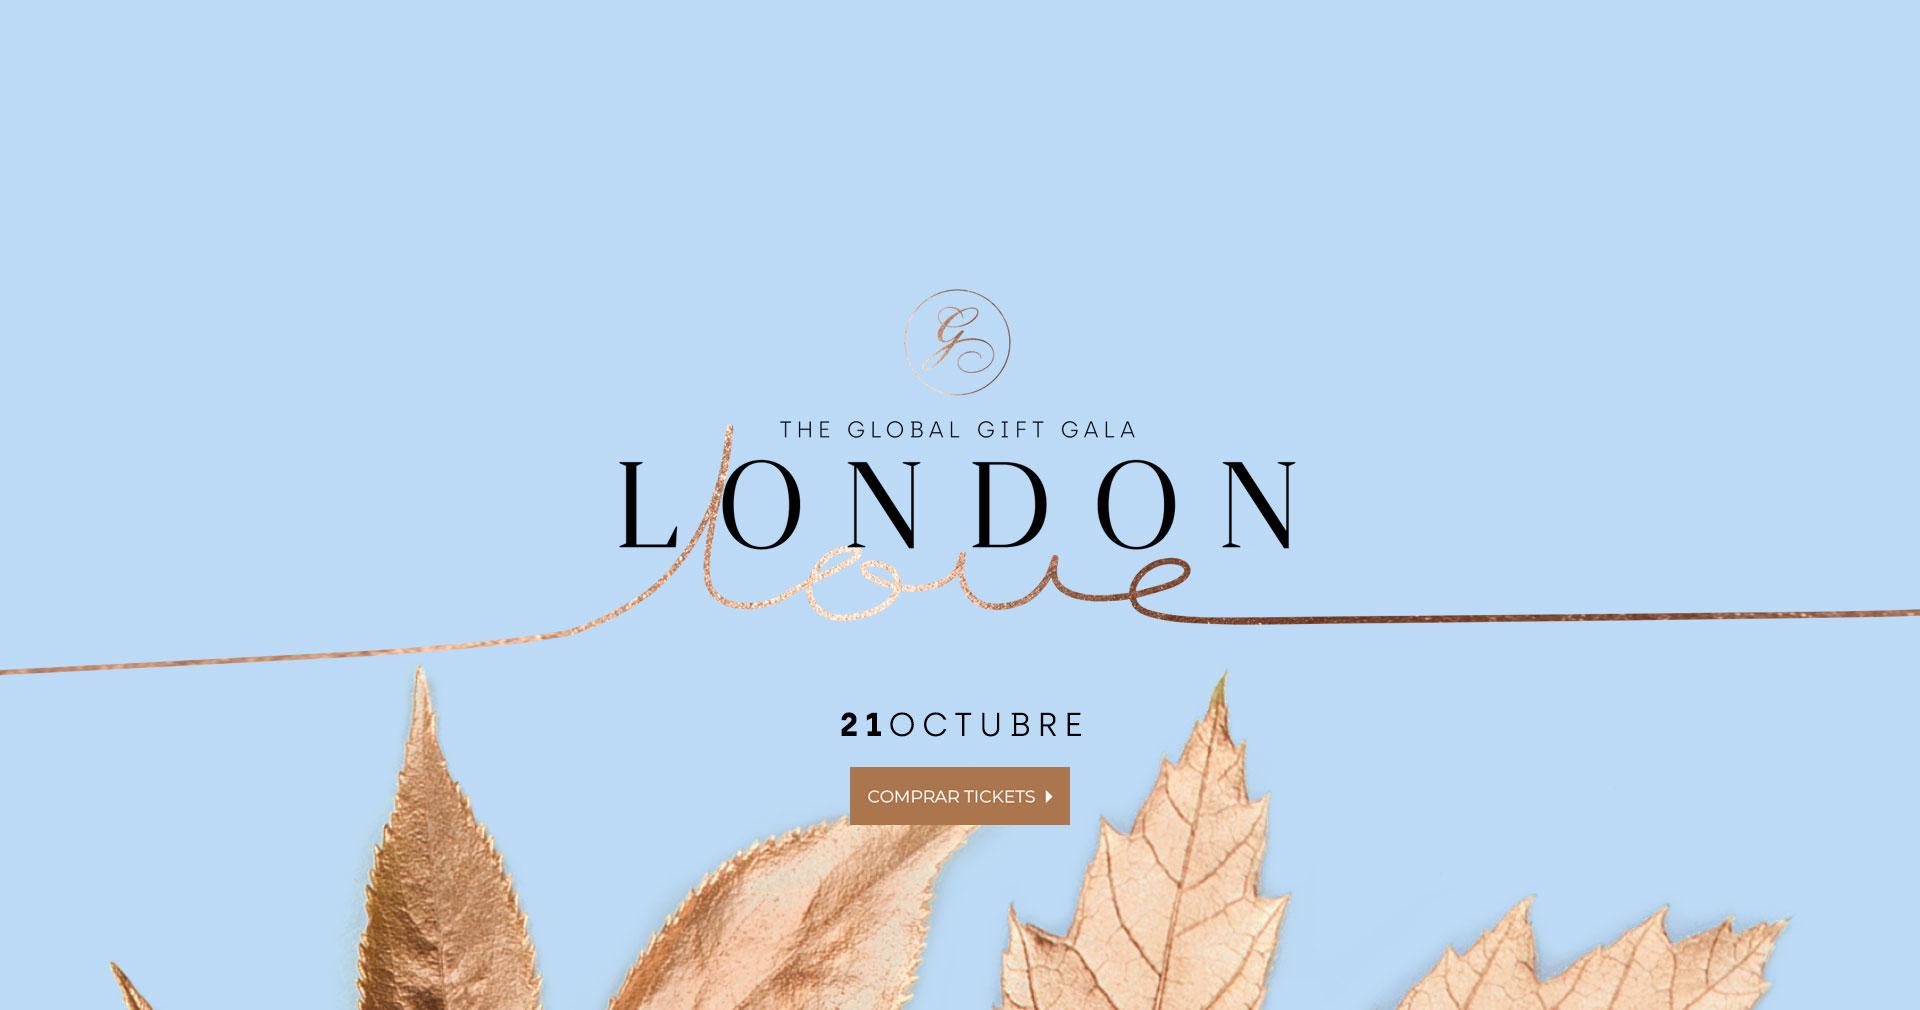 The Global Gift Gala London